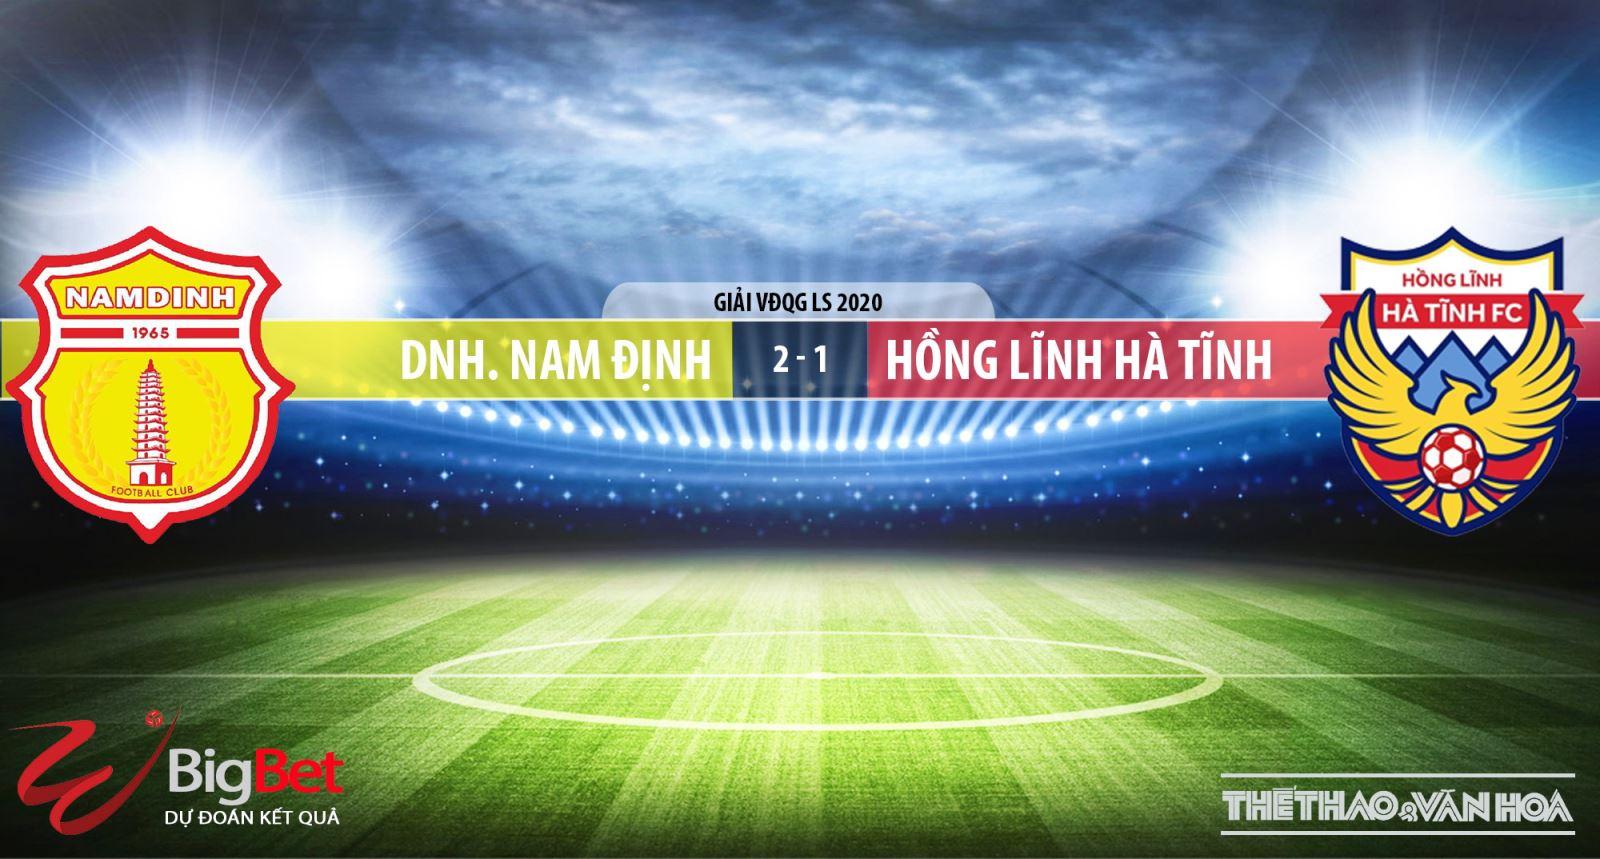 Soi kèo nhà cái Nam Định đấu với Hà Tĩnh. VTV6 trực tiếp bóng đá V League 2020. Trực tiếp bóng đá Việt Nam hôm nay: Nam Định vs Hồng Lĩnh Hà Tĩnh. Xem bóng đá trực tuyến VTV6, VTV5, Bóng đá TV, Thể thao tin tức HD (TTTT HD).